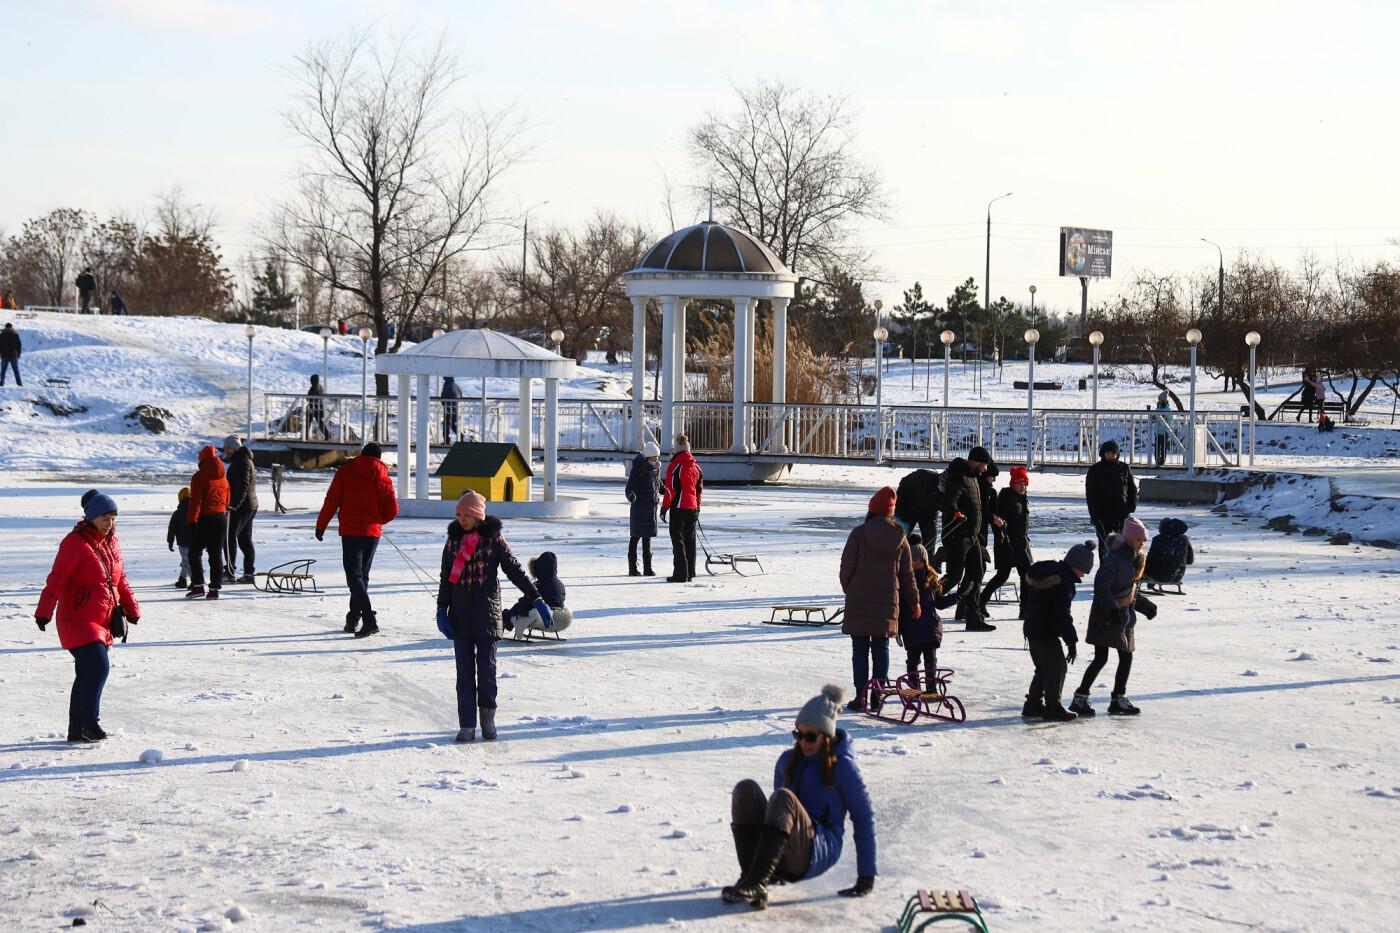 На санках, лыжах и сноуборде: запорожцы устроили массовое катание с горок в Вознесеновском парке, - ФОТОРЕПОРТАЖ, фото-33